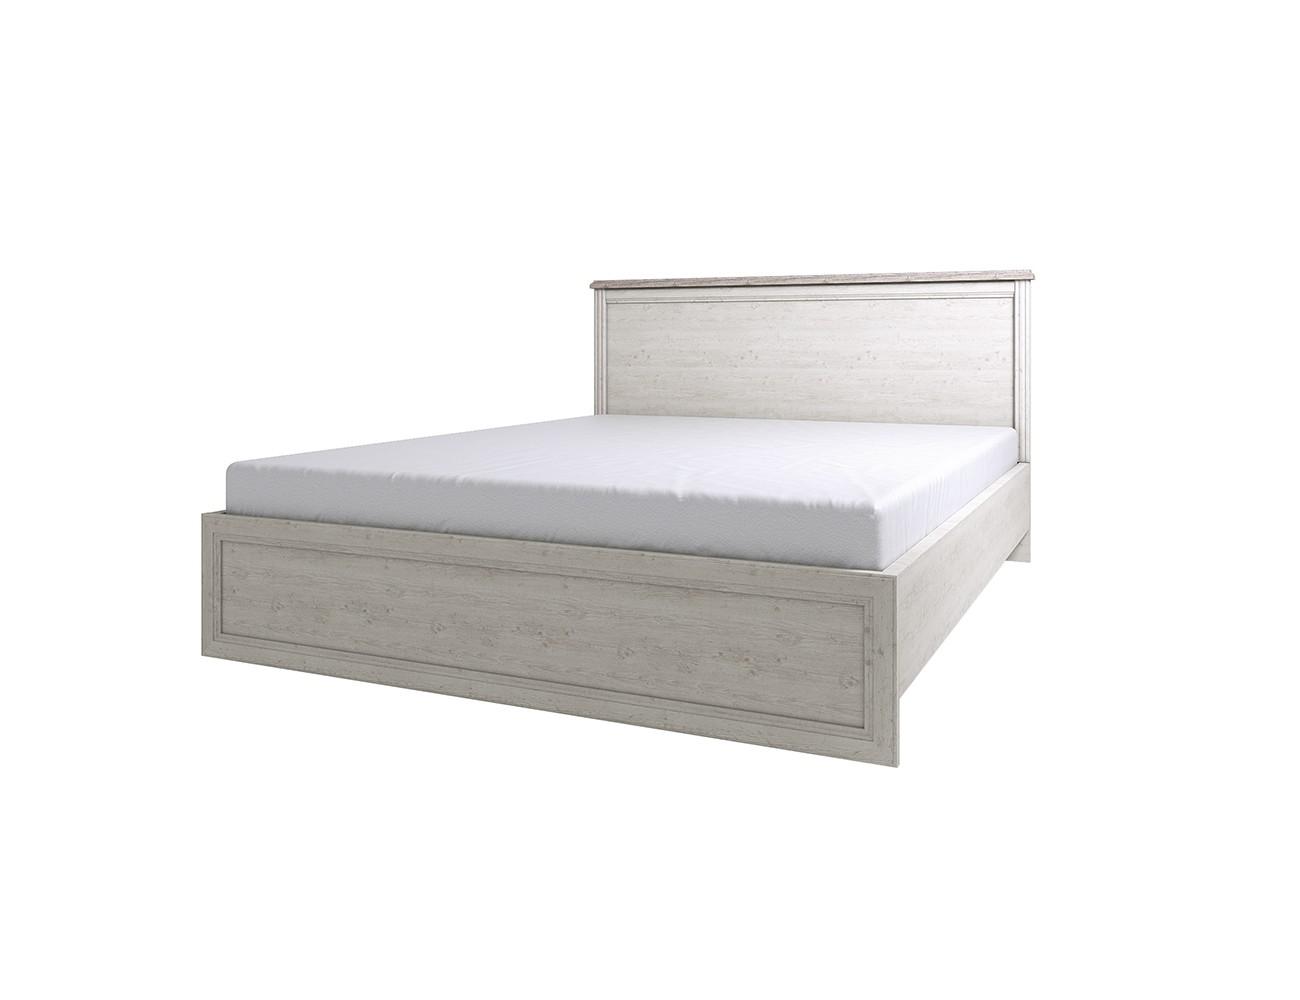 Кровать MonakoДеревянные кровати<br>Классическая мебель всегда привлекает ценителей гармоничного интерьера дома. Выдержанный стиль коллекции MONAKO, благородное сочетание двух цветовых гамм - сосна винтаж и дуб анкона - создадут приятную обстановку Вашего дома.  Оригинальные металлические ручки и патина на декоративных элементах делают эту коллекцию очень элегантной, а большой модельный ряд позволит обустроить достойный интерьер. <br>Размер спального  места 1200*2000 мм.&amp;amp;nbsp;<br><br>Material: ДСП<br>Ширина см: 129<br>Высота см: 100<br>Глубина см: 206